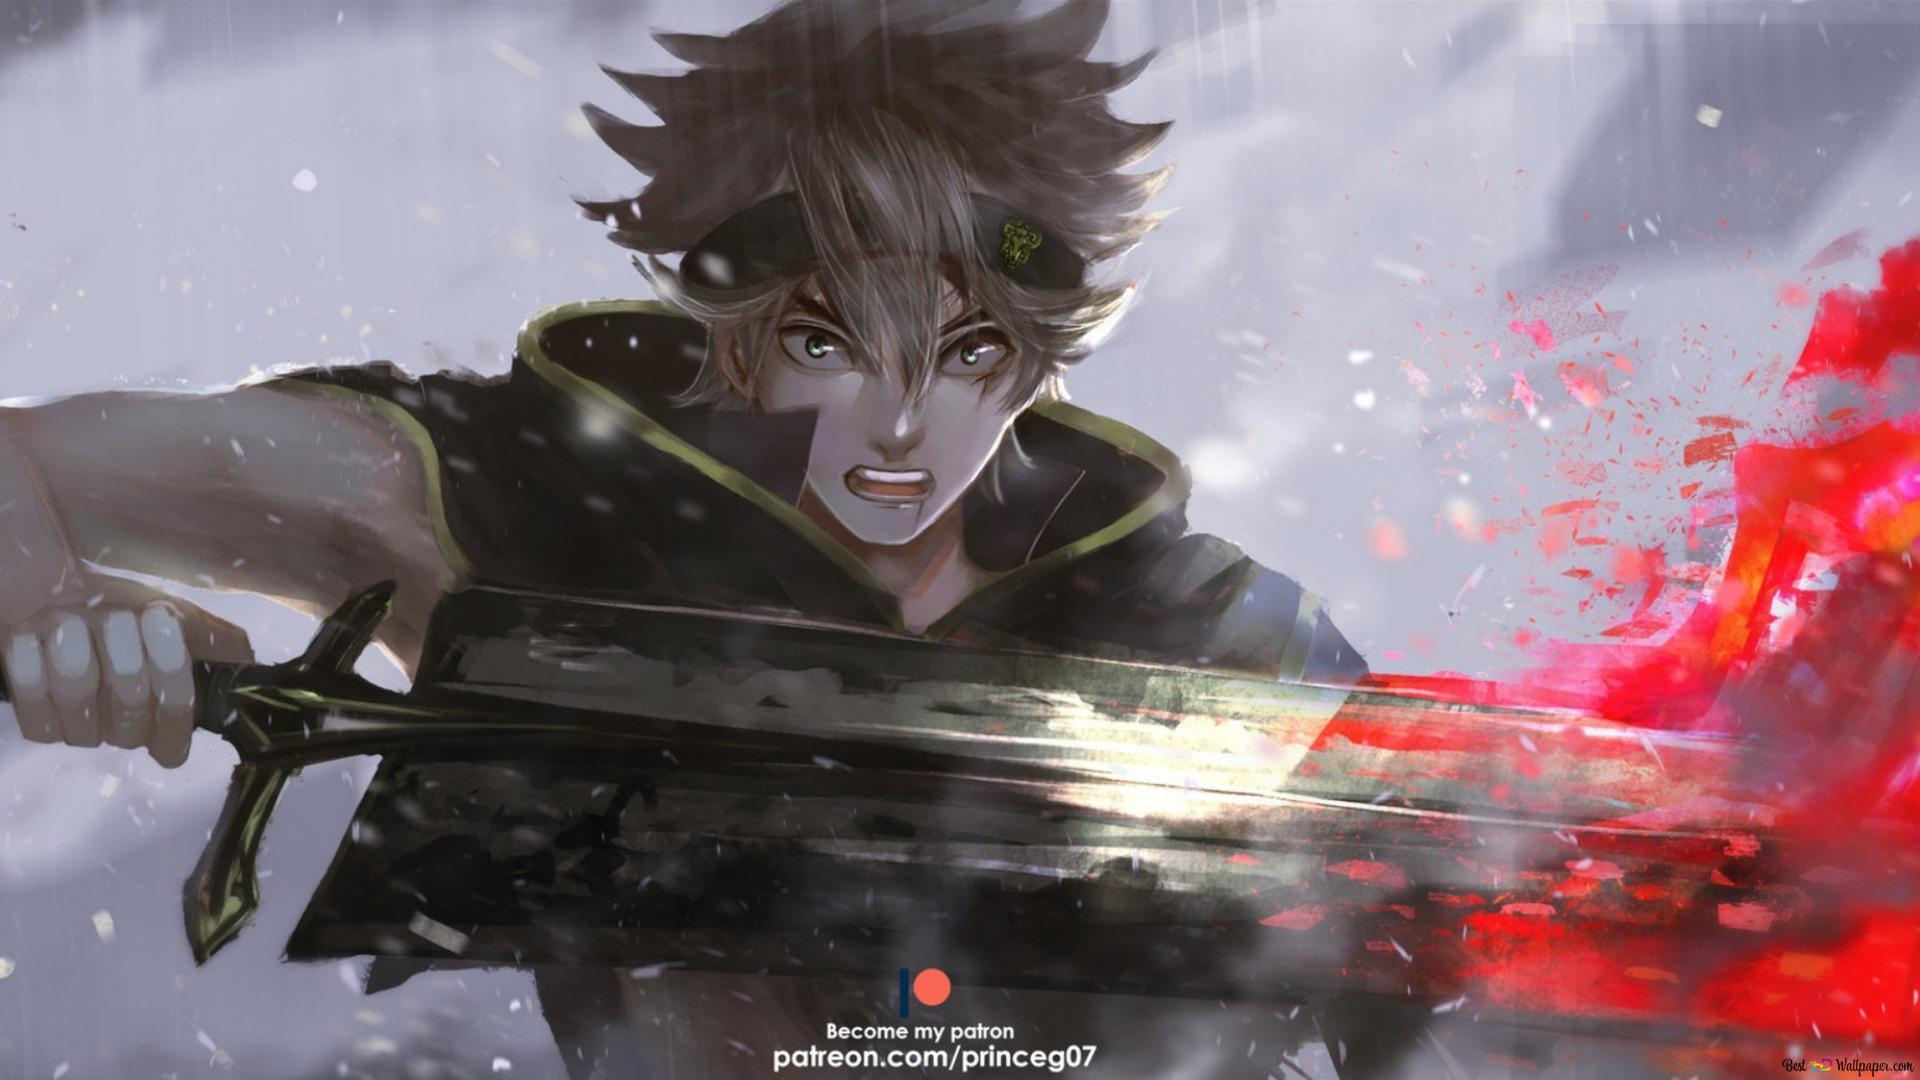 Wallpaper Anime Black Clover 3d gambar ke 17